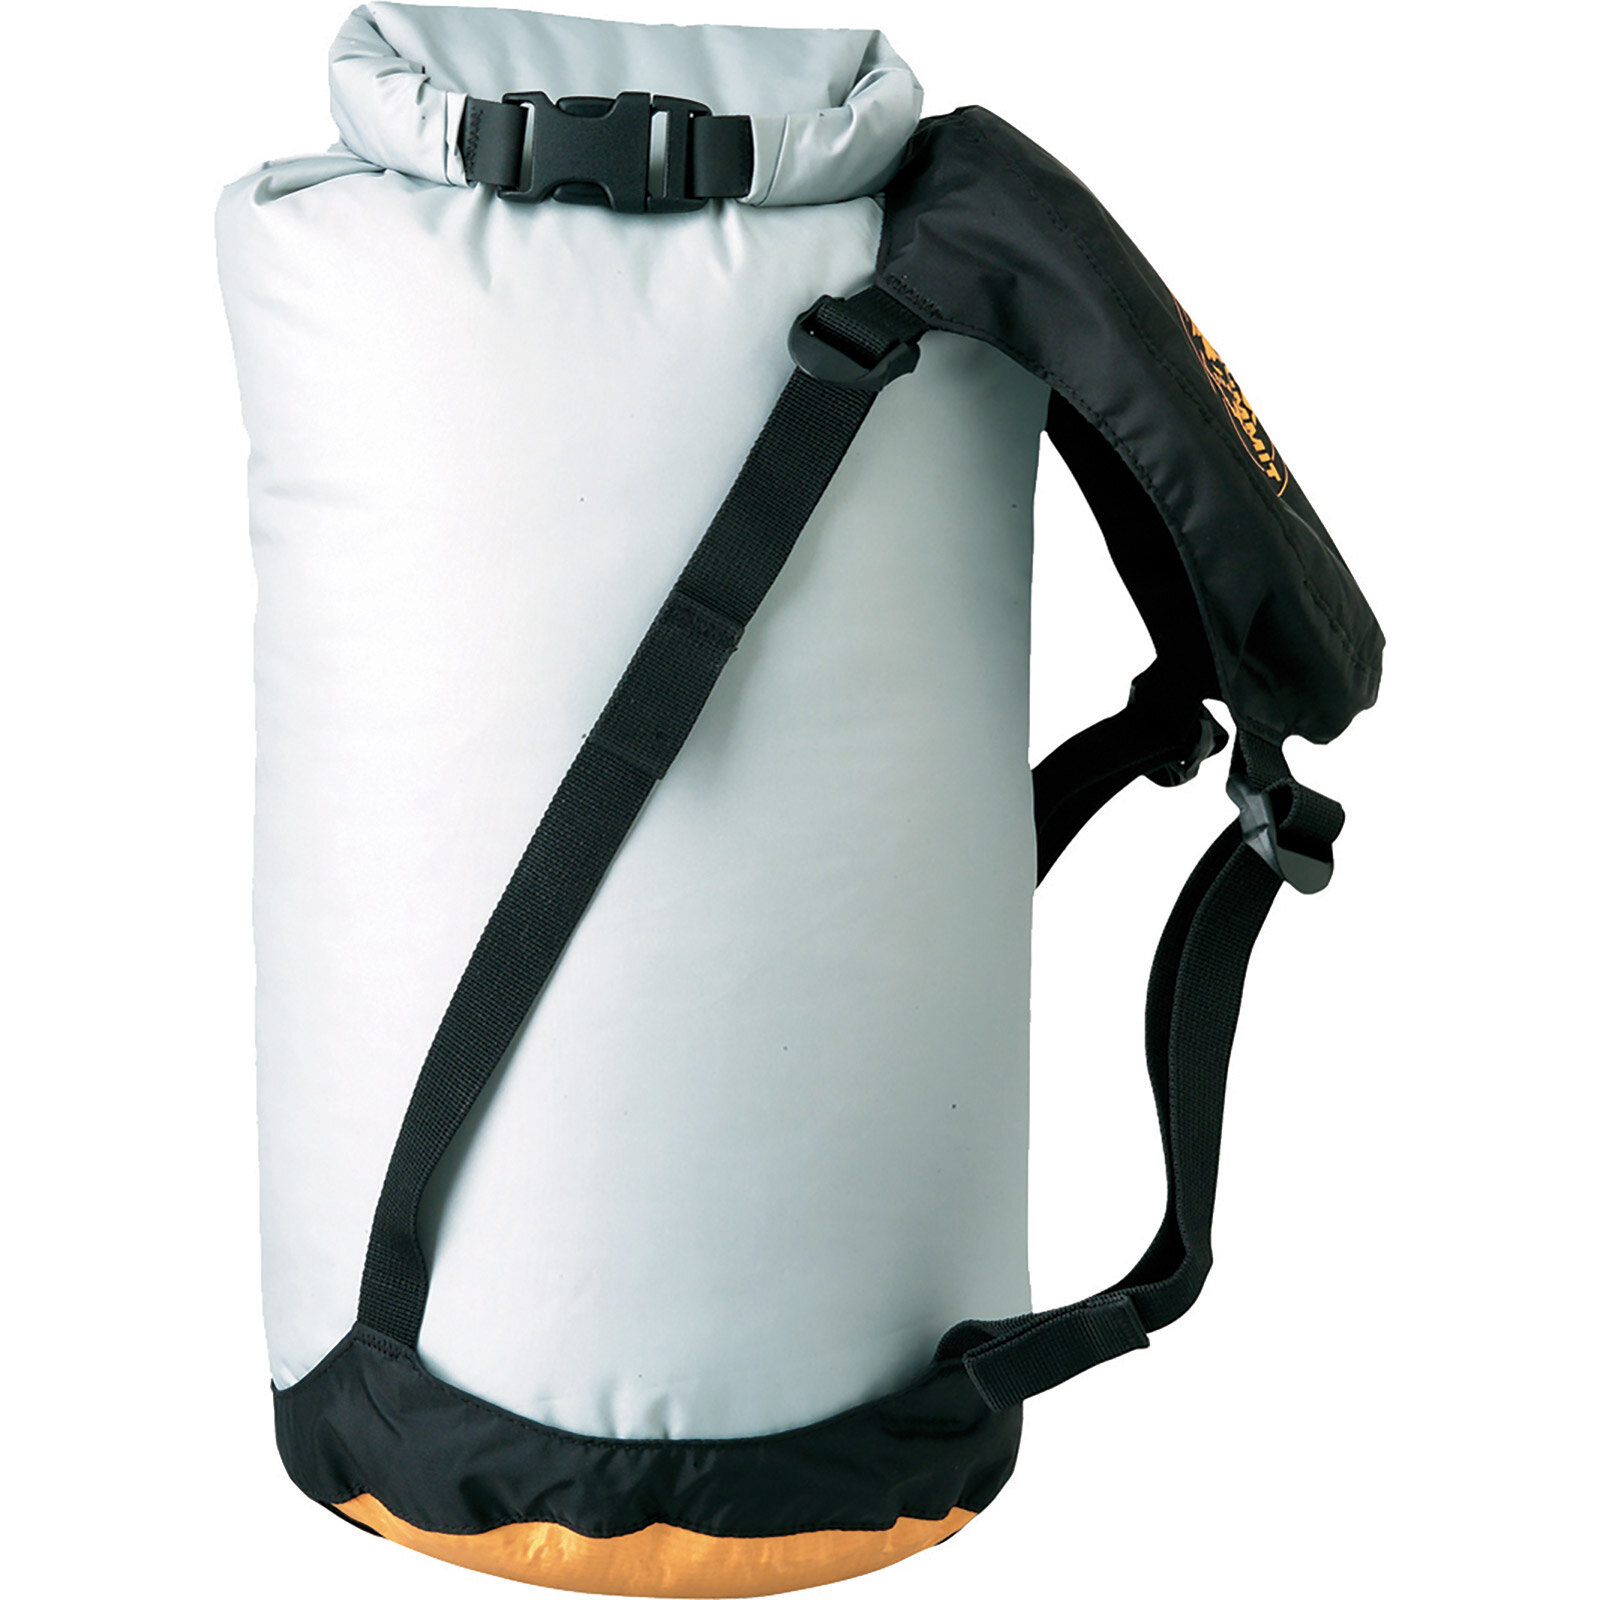 Waterproof sleeping bag stuff sack